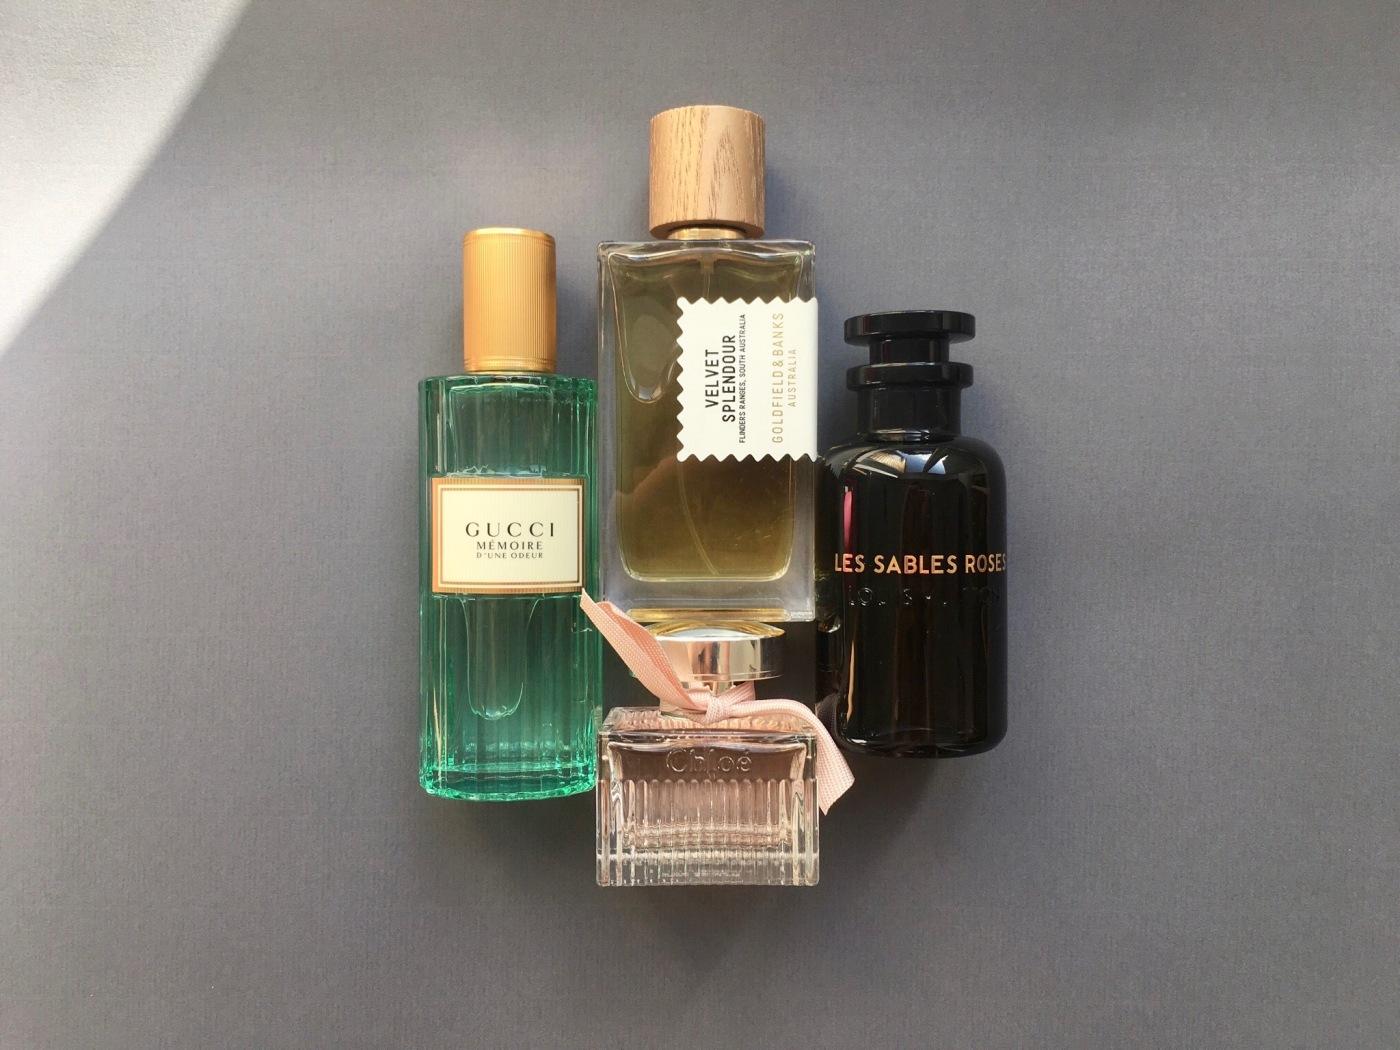 mémoire d'une odeur gucci chloé goldfield & banks velvet splendour les sables rosées louis vuitton perfume fragrance